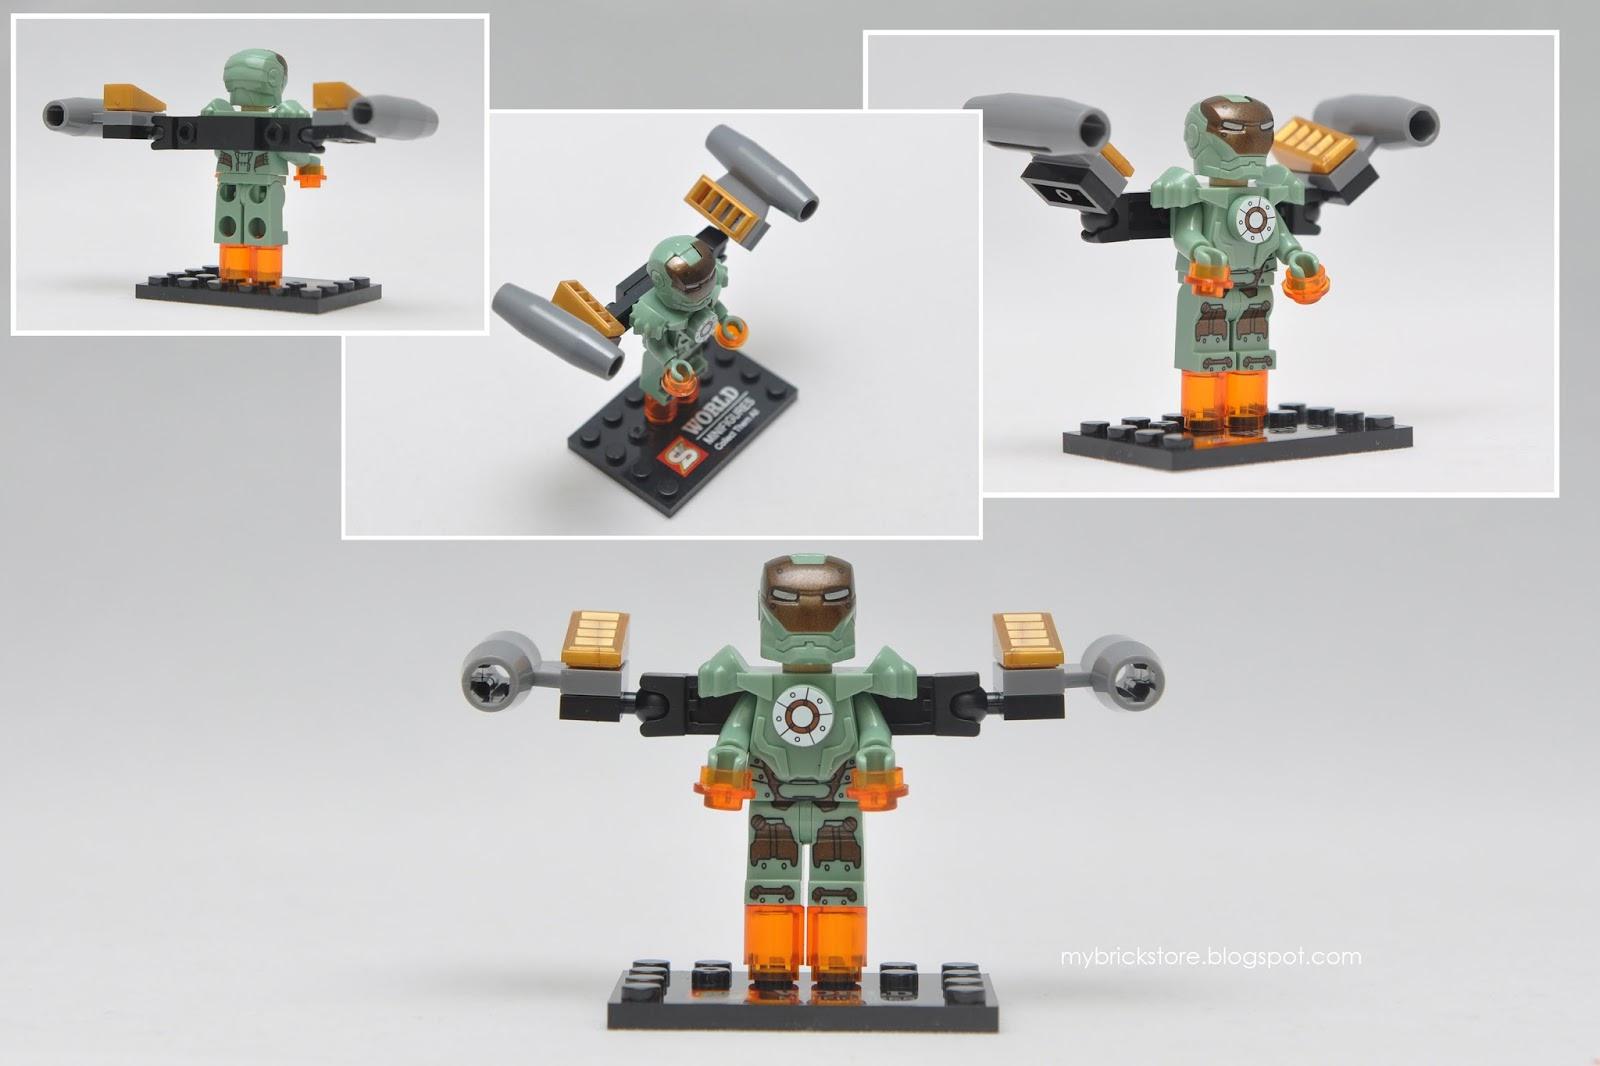 Iron Man Lego Figures 3